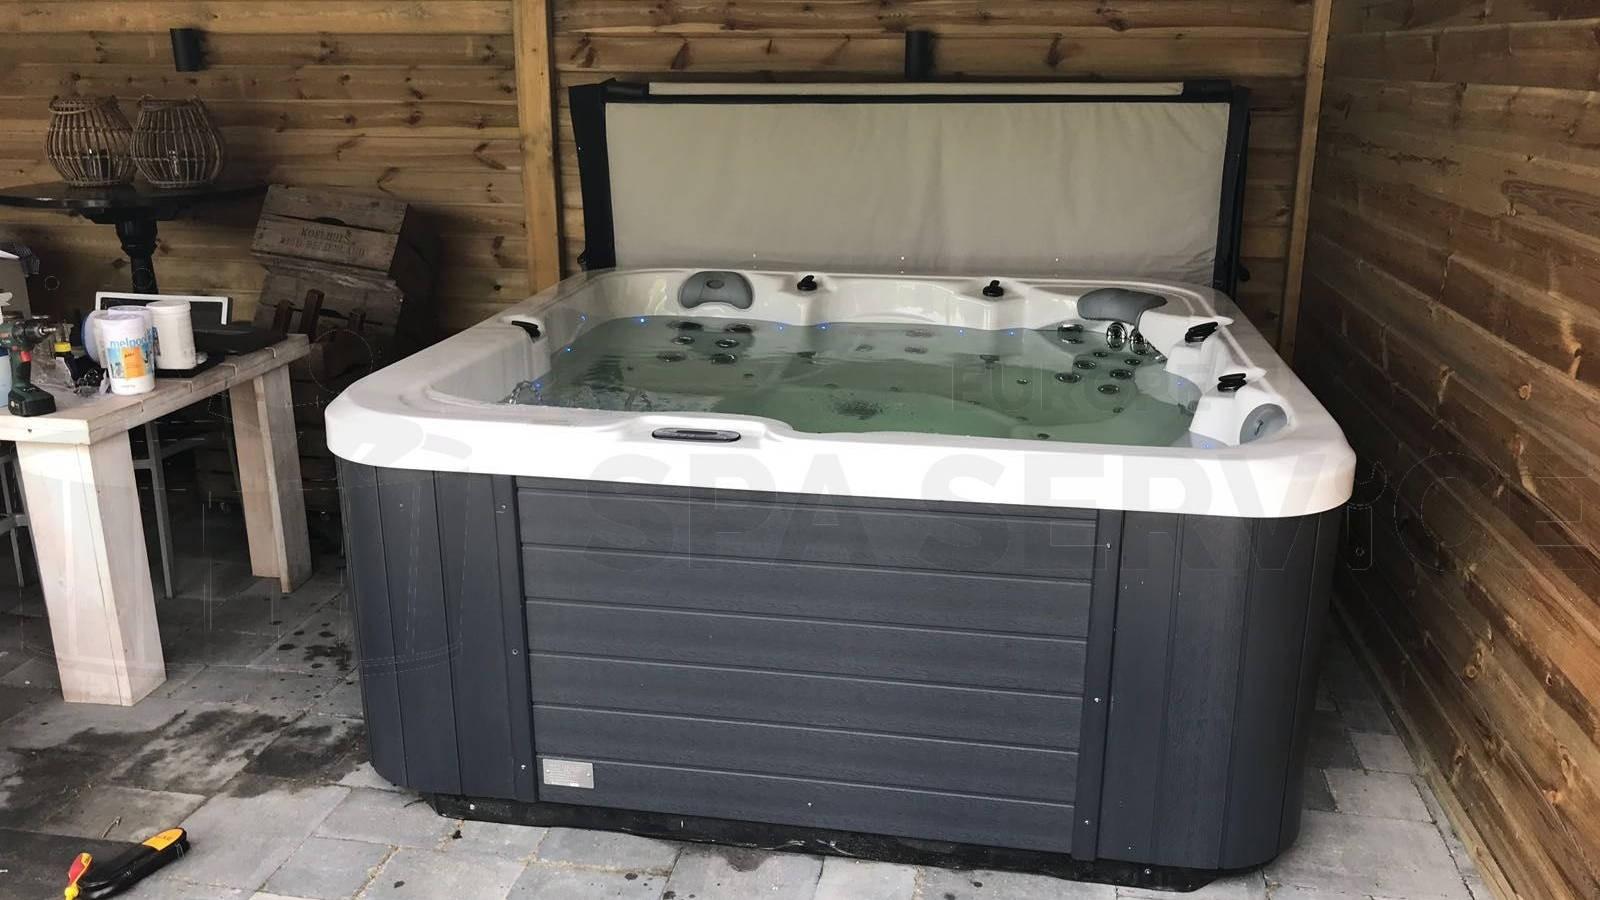 Plaatsing Allseas OS 502 spa in Kruisland